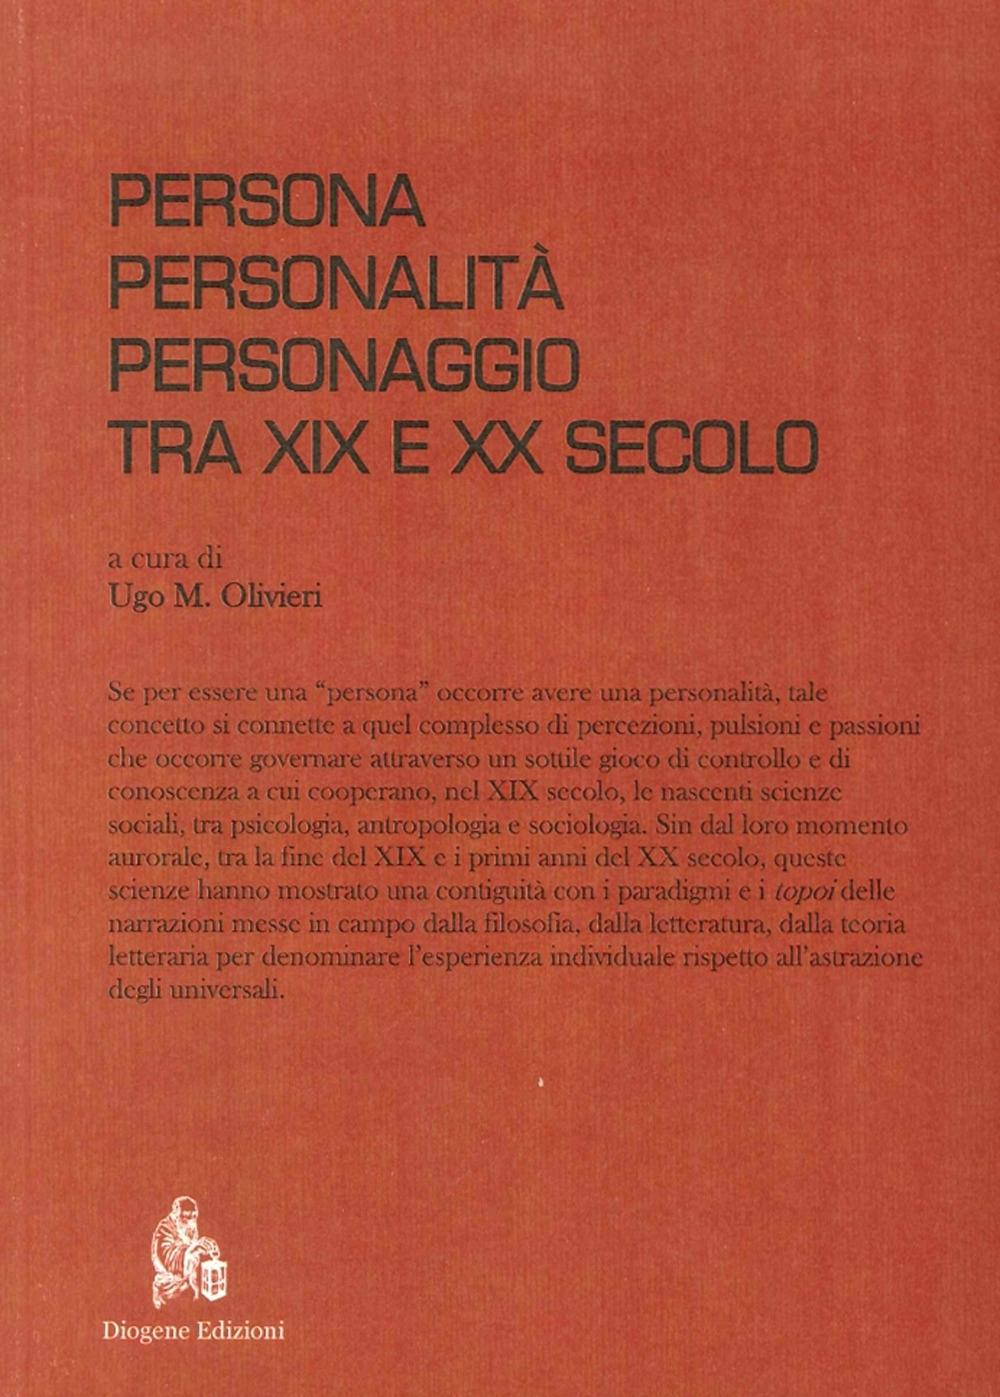 Persona, Personalità, Personaggio tra XIX e XX Secolo.